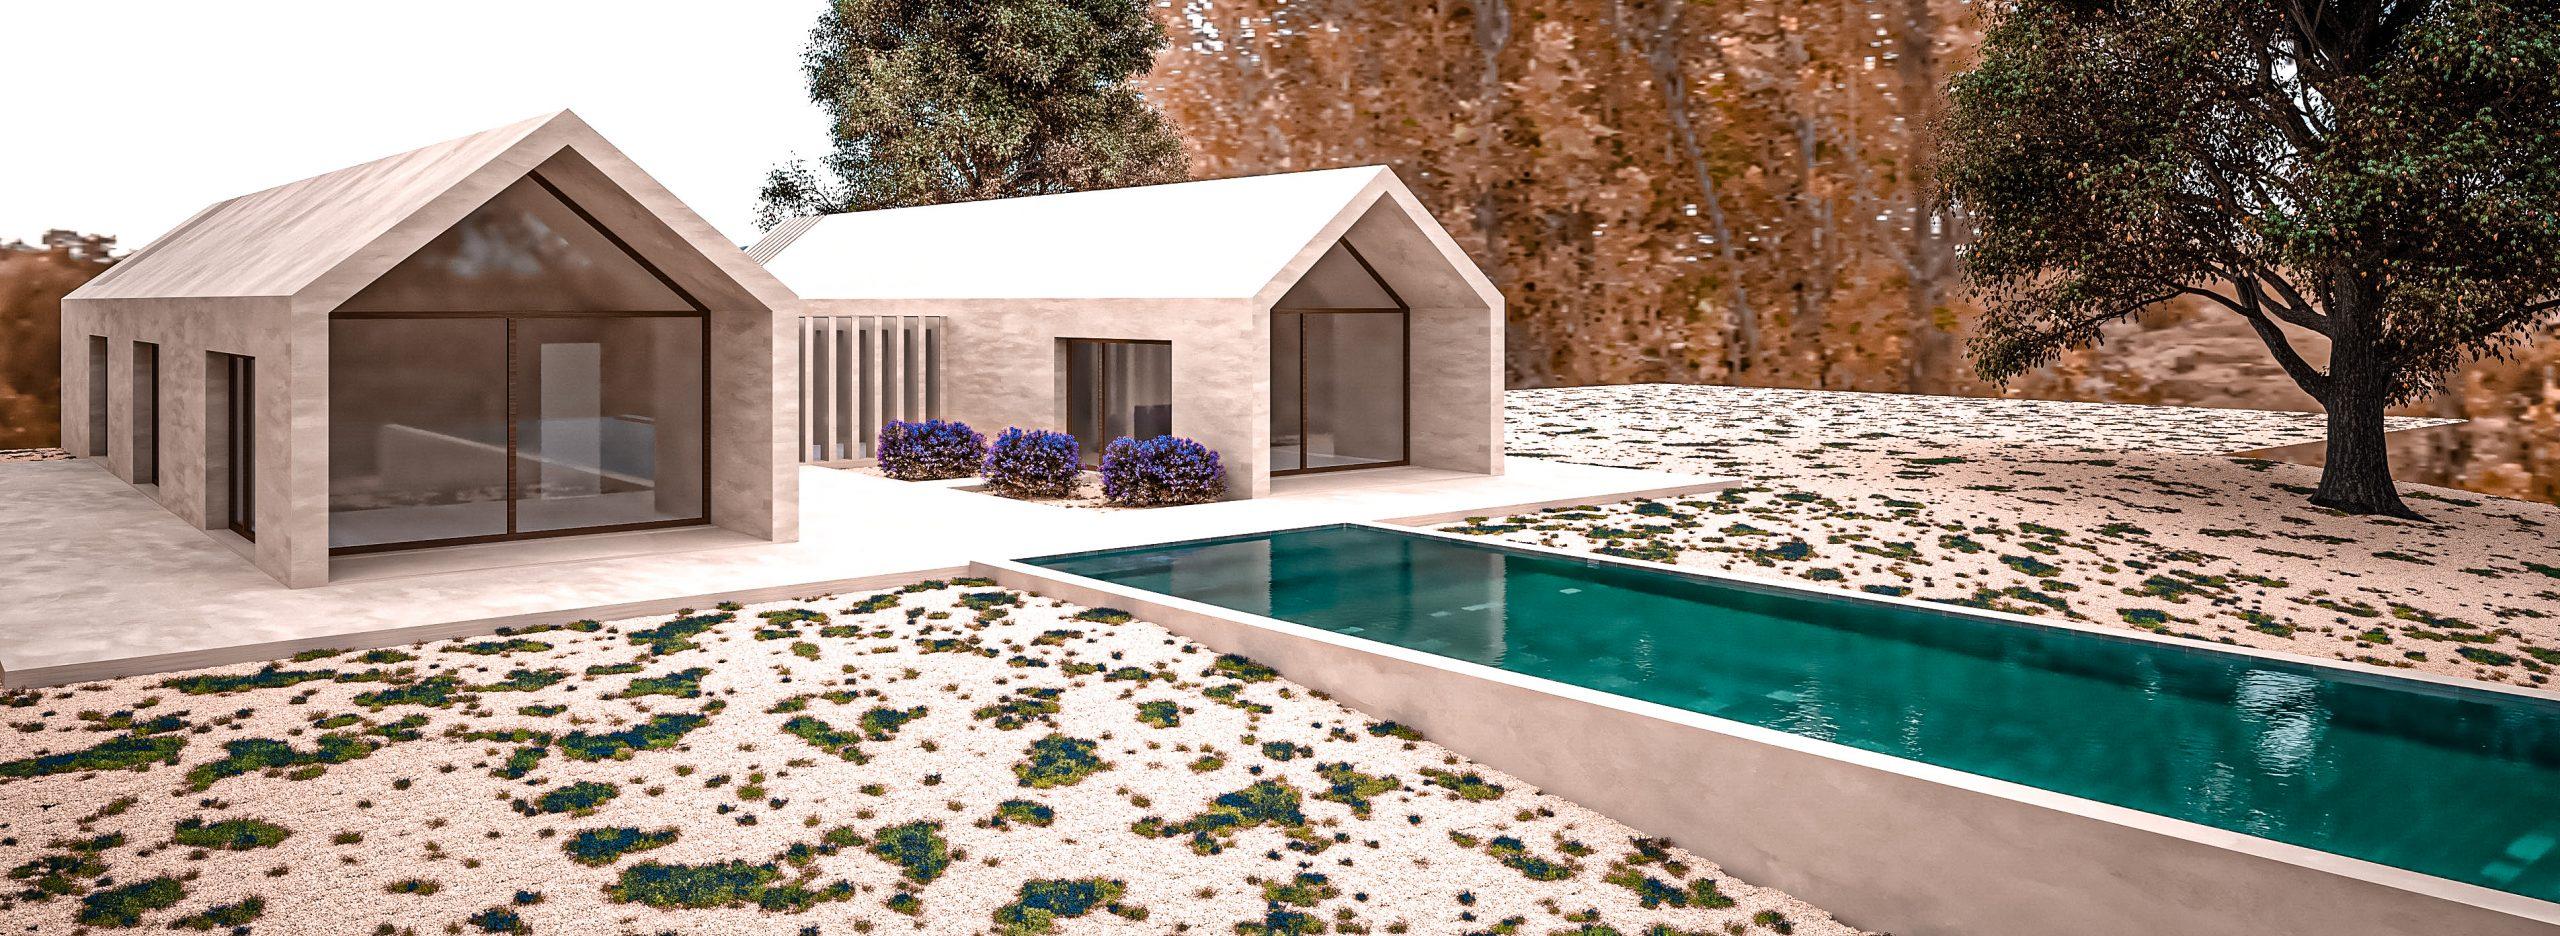 Arquitecto Moradia design cascais lisboa portugal comporta construção